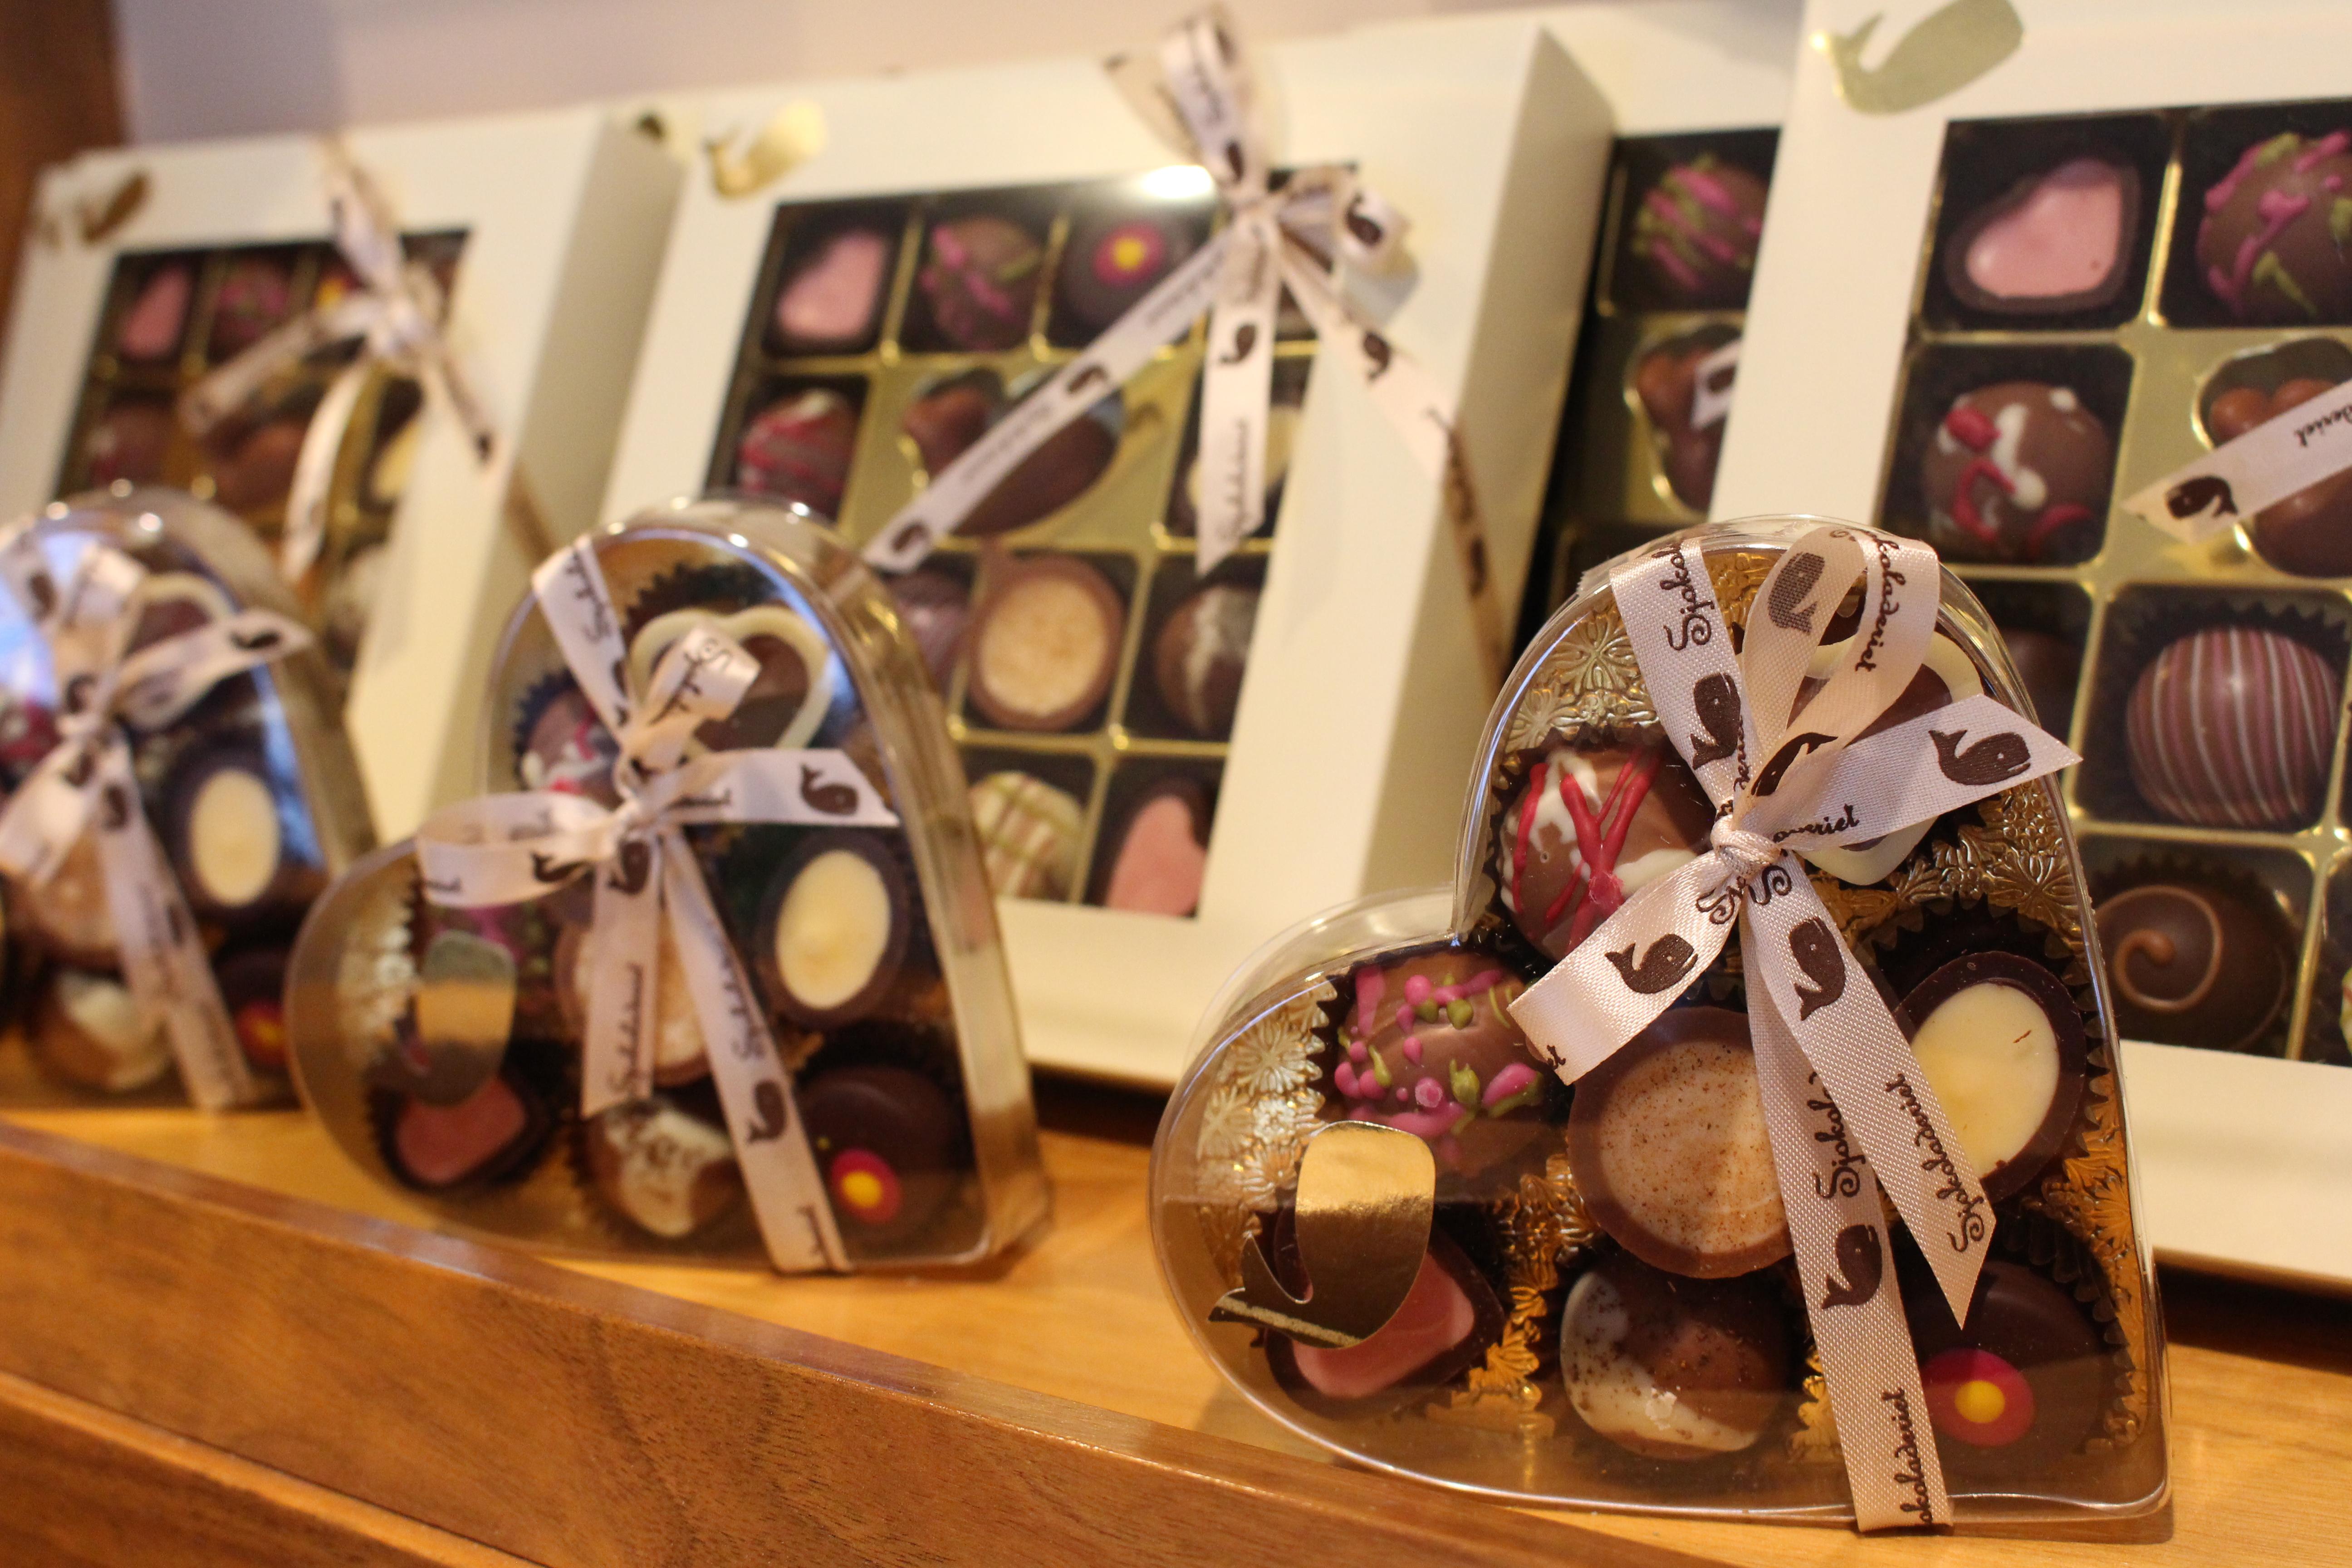 hval sjokolade utsalg